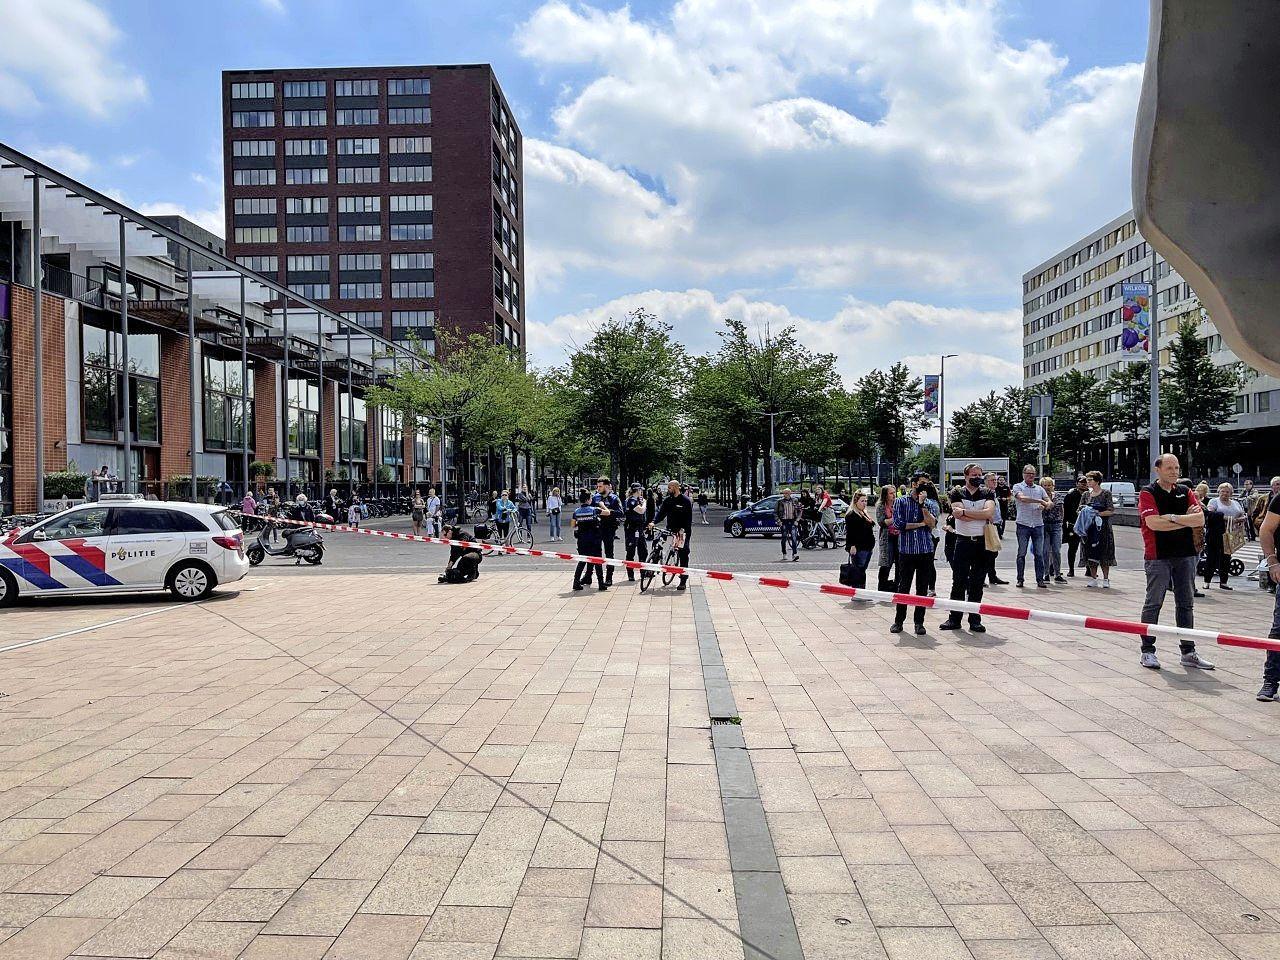 Winkelcentrum Hoofddorp ontruimd geweest wegens brand op het dak van Action, brandweerman raakt gewond [update]